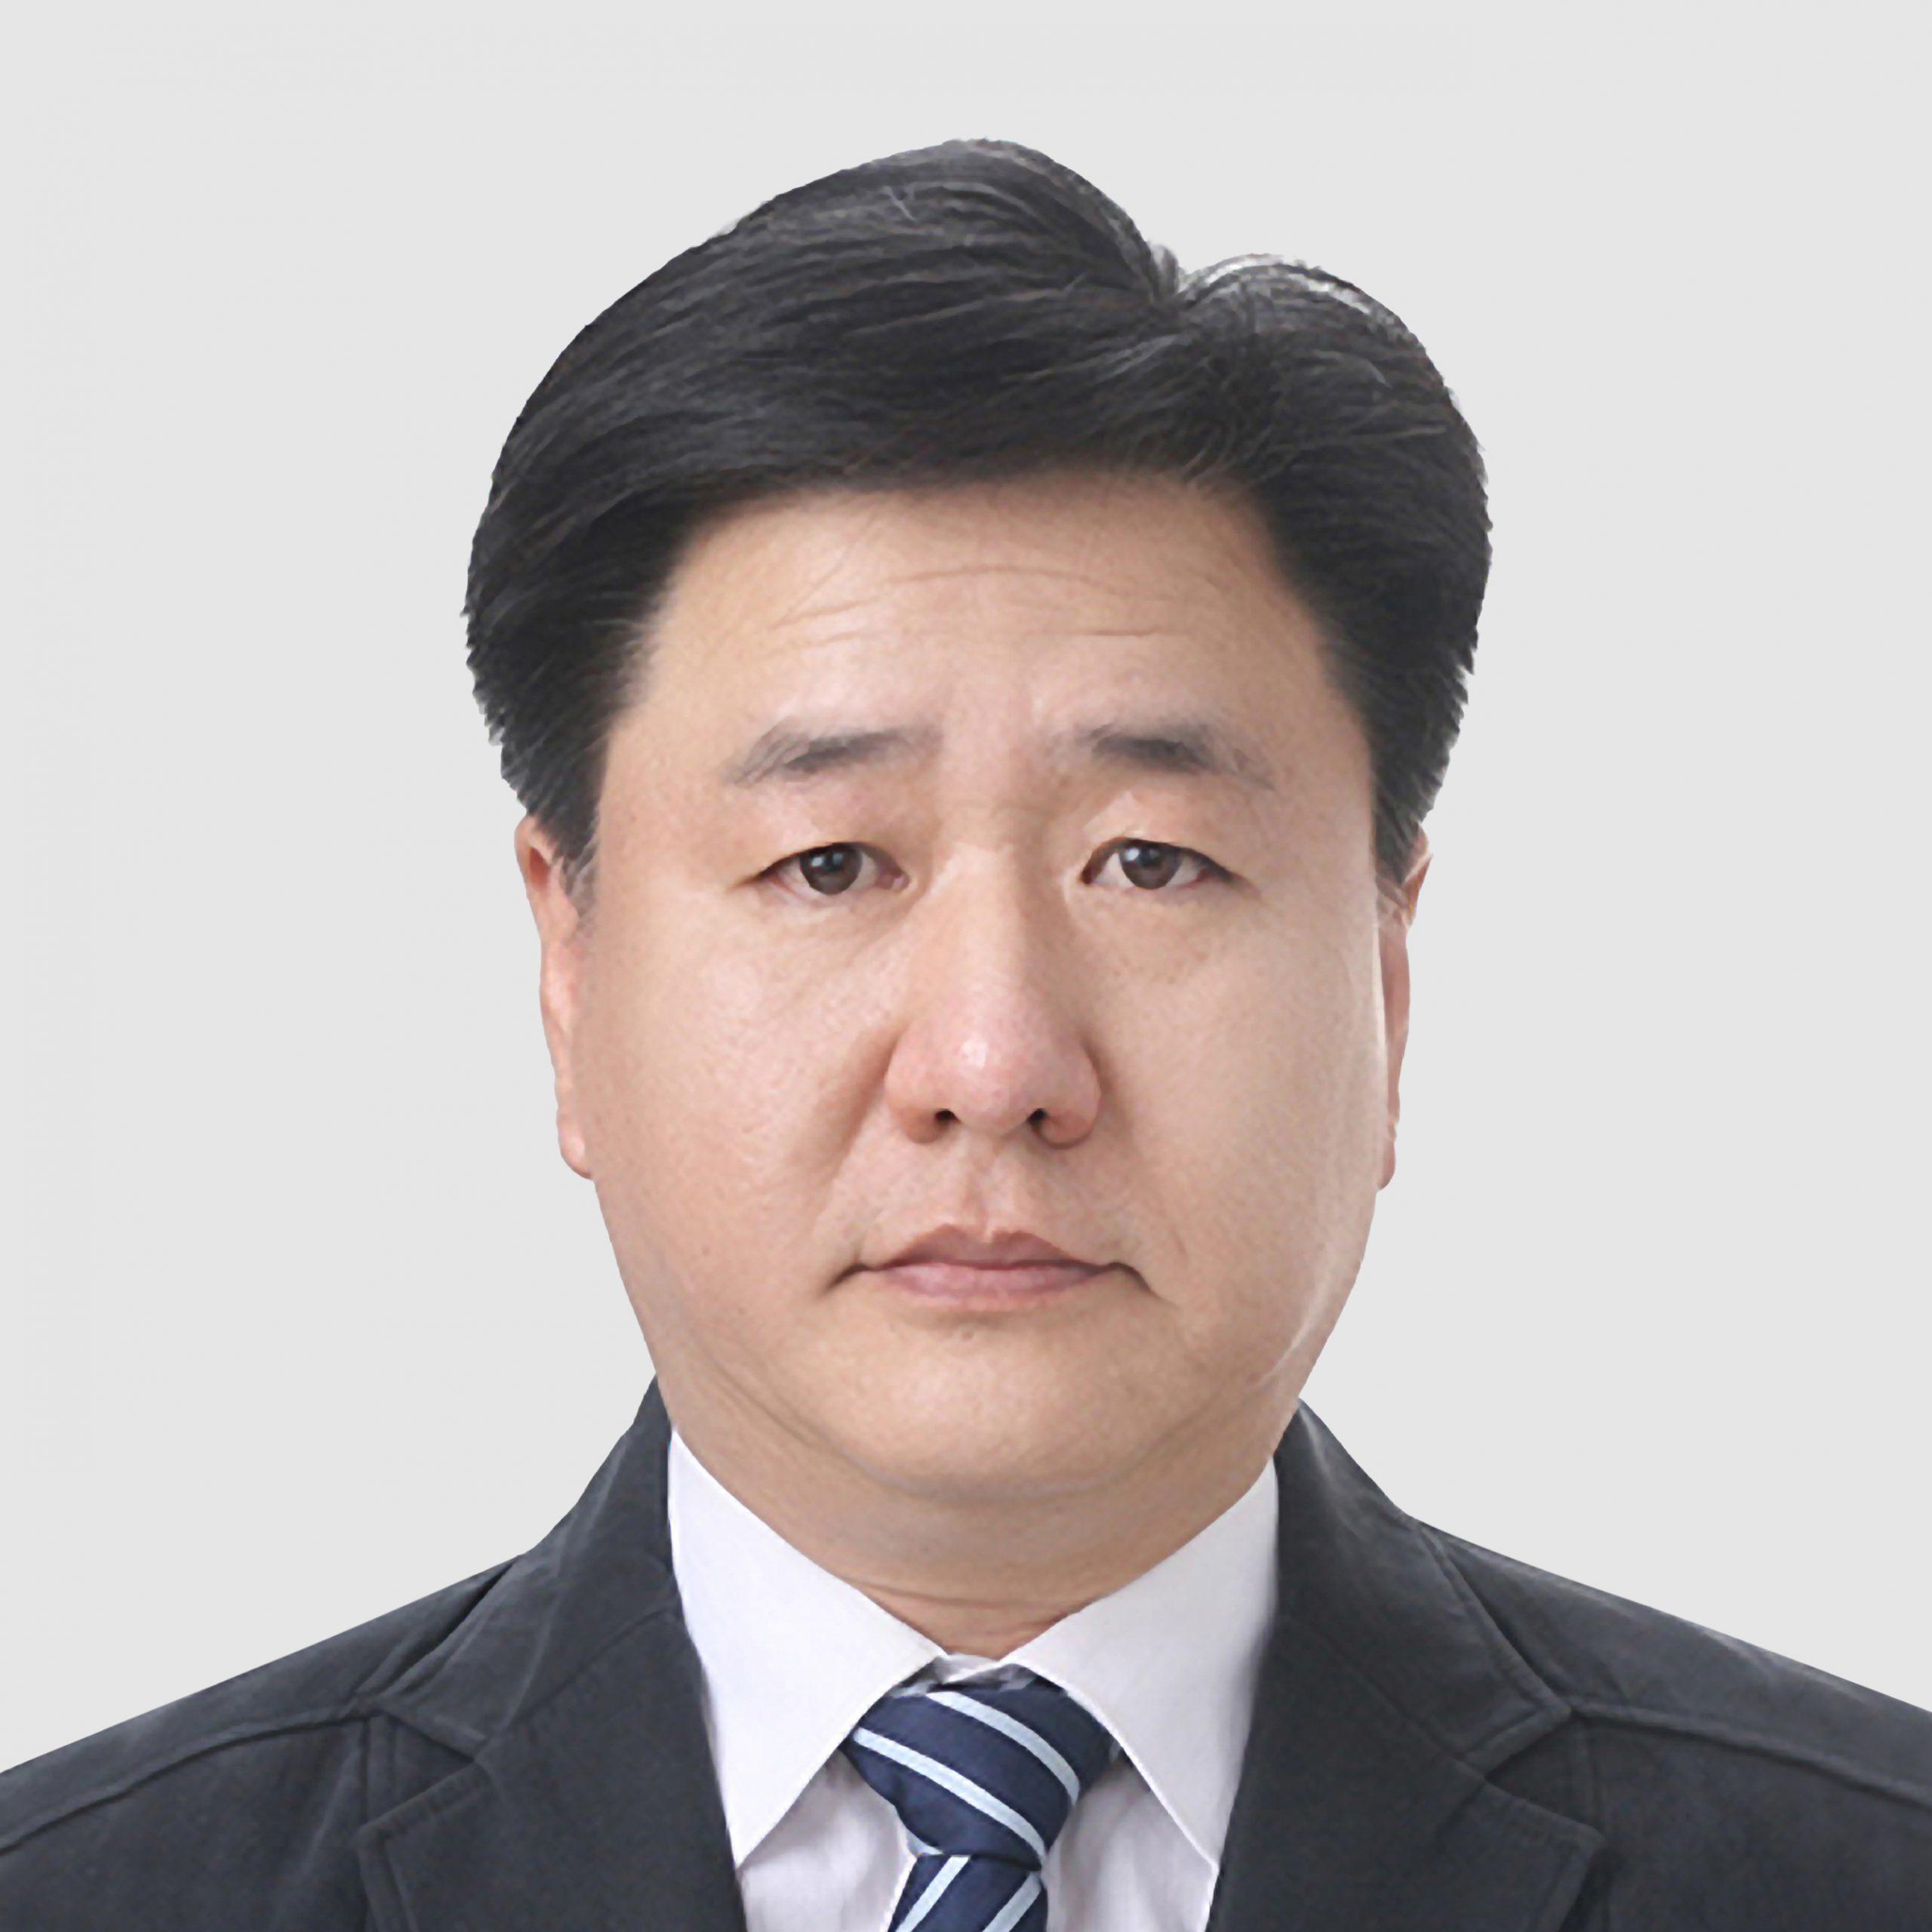 Joonhee (Albert) Lee es el Director Gerente de Essex Furukawa Magnet Wire China, una función que se centra en la industria automotriz con un énfasis específico en los motores de tracción. Es un puesto al que se trasladó después de la finalización de Essex Furukawa Joint Venture. Antes de esto, Lee pasó cuatro años como Director Ejecutivo de Tecnología para Essex Magnet Wire y durante el último cuarto de siglo, Lee ha estado involucrado en el desarrollo de nueva tecnología con un enfoque en la industria automotriz. Ha mejorado el diseño de las propiedades del alambre magnético para aplicaciones de motores, así como las propiedades mejoradas para el esmaltado. Lee obtuvo su Maestría en Química Industrial en la Universidad Nacional Kyungpook en Corea del Sur.